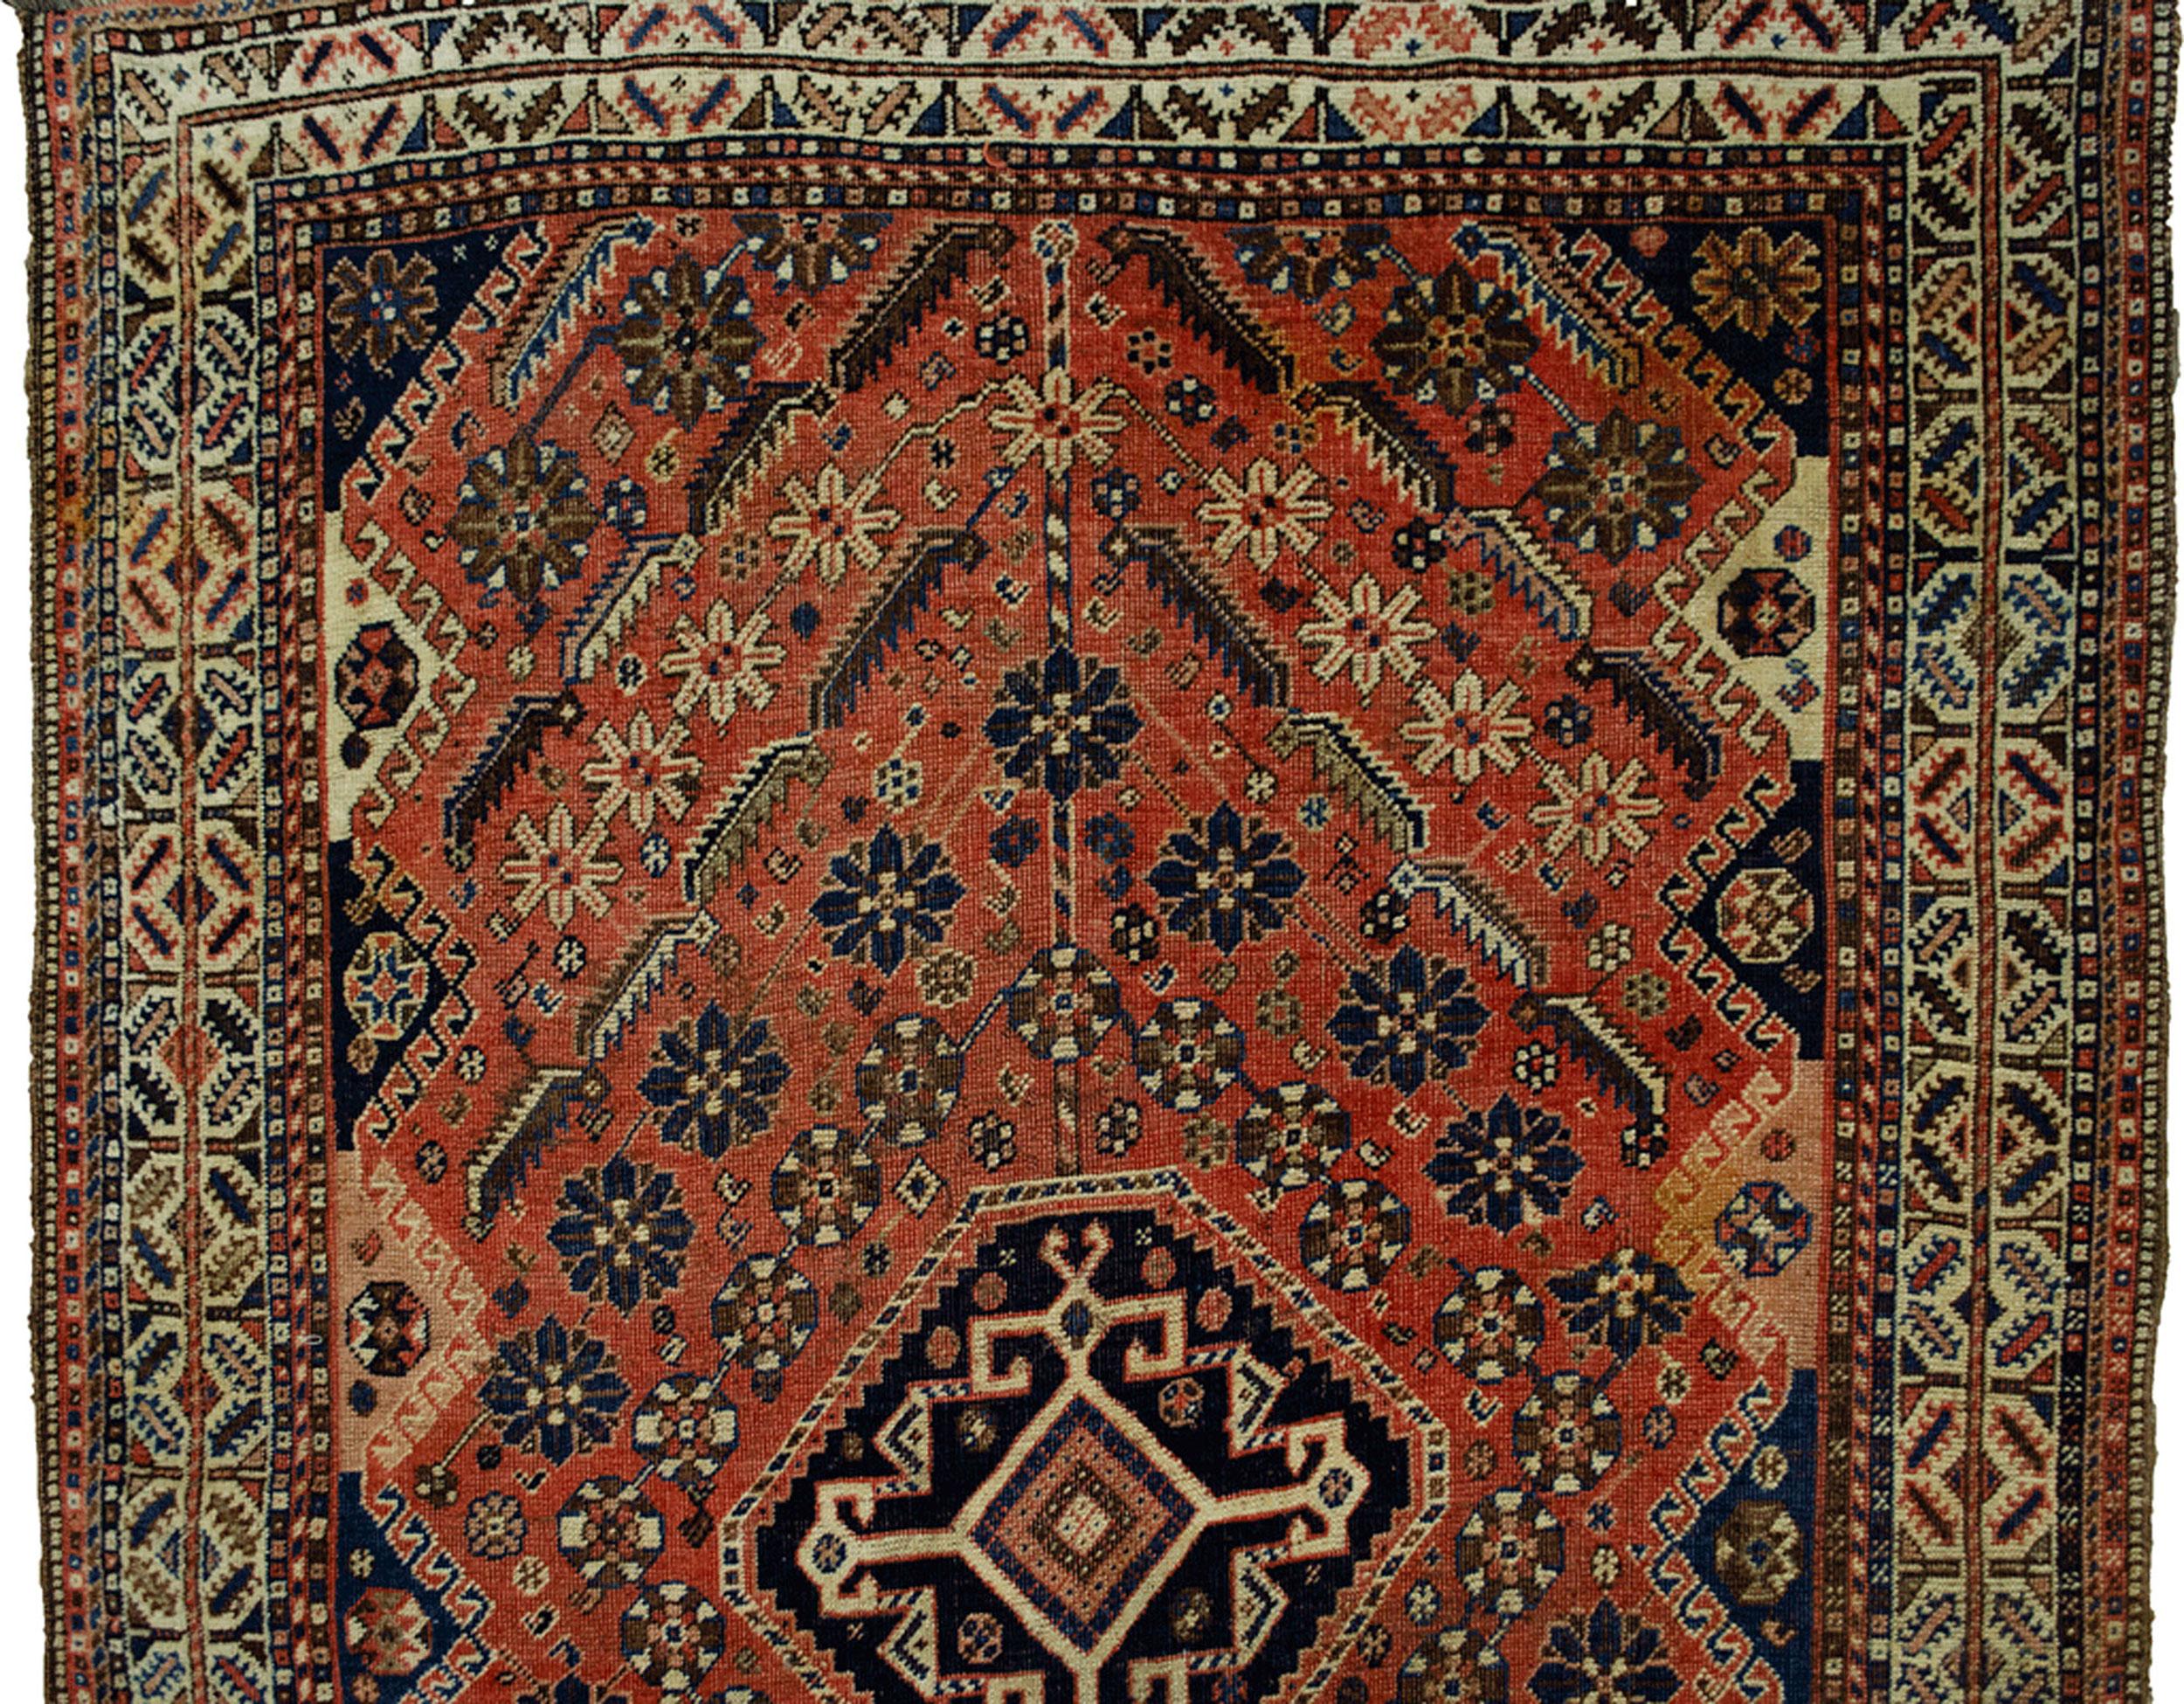 Antique Qashqai Rug 143x97cm